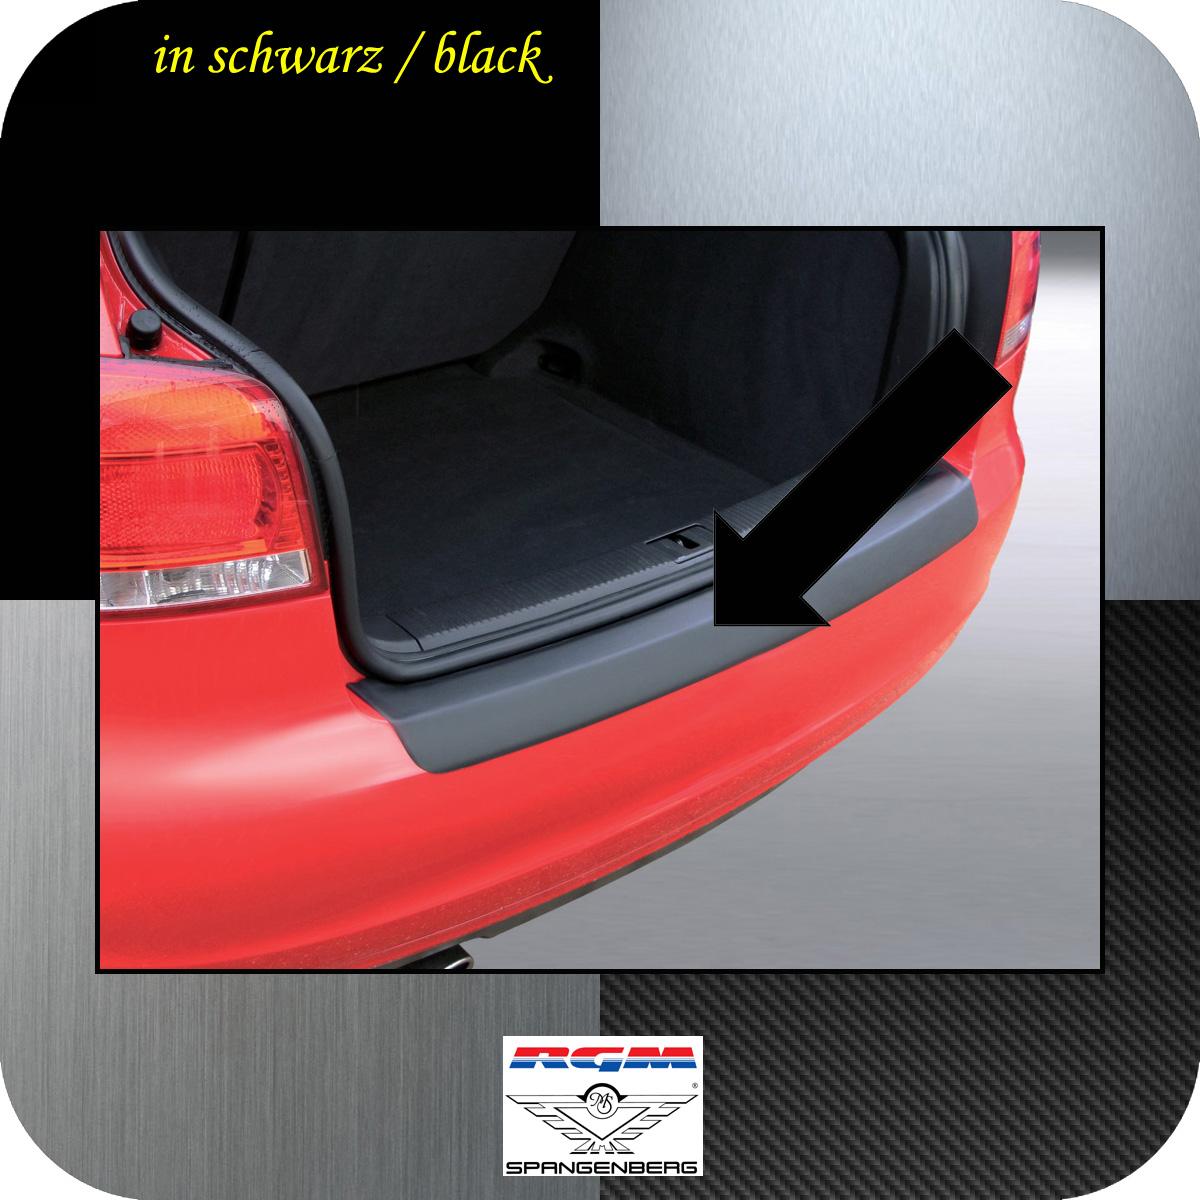 Ladekantenschutz schwarz Audi A3 Schrägheck ab facelift II 2008-2012 3500367